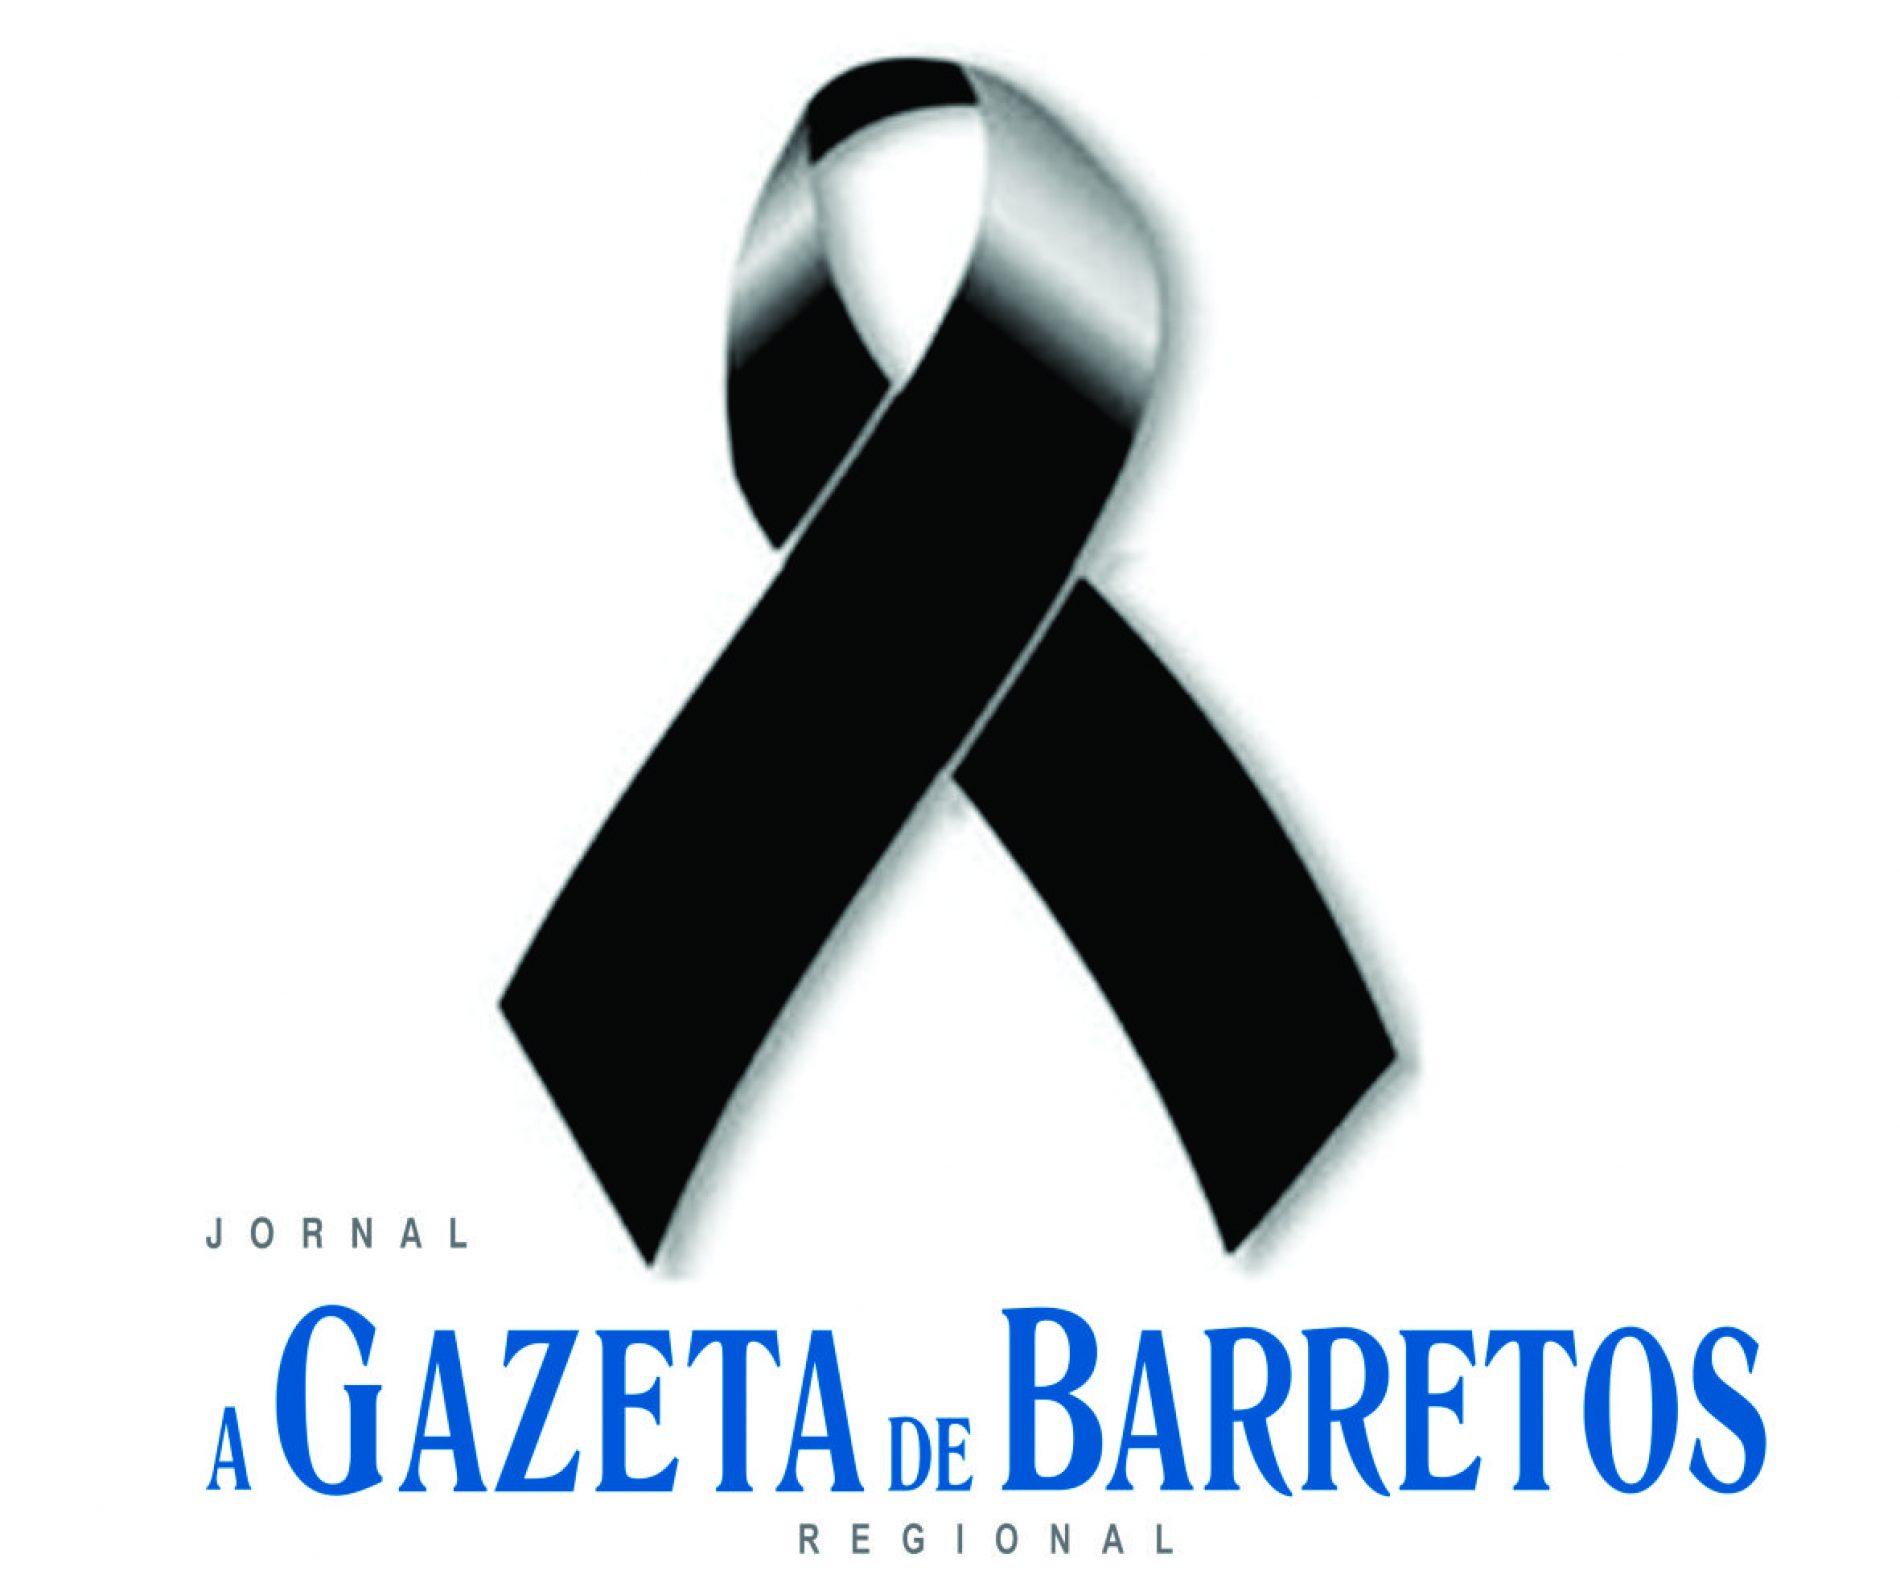 MORTES EM BARRETOS NESTA TERÇA-FEIRA DIA(13)